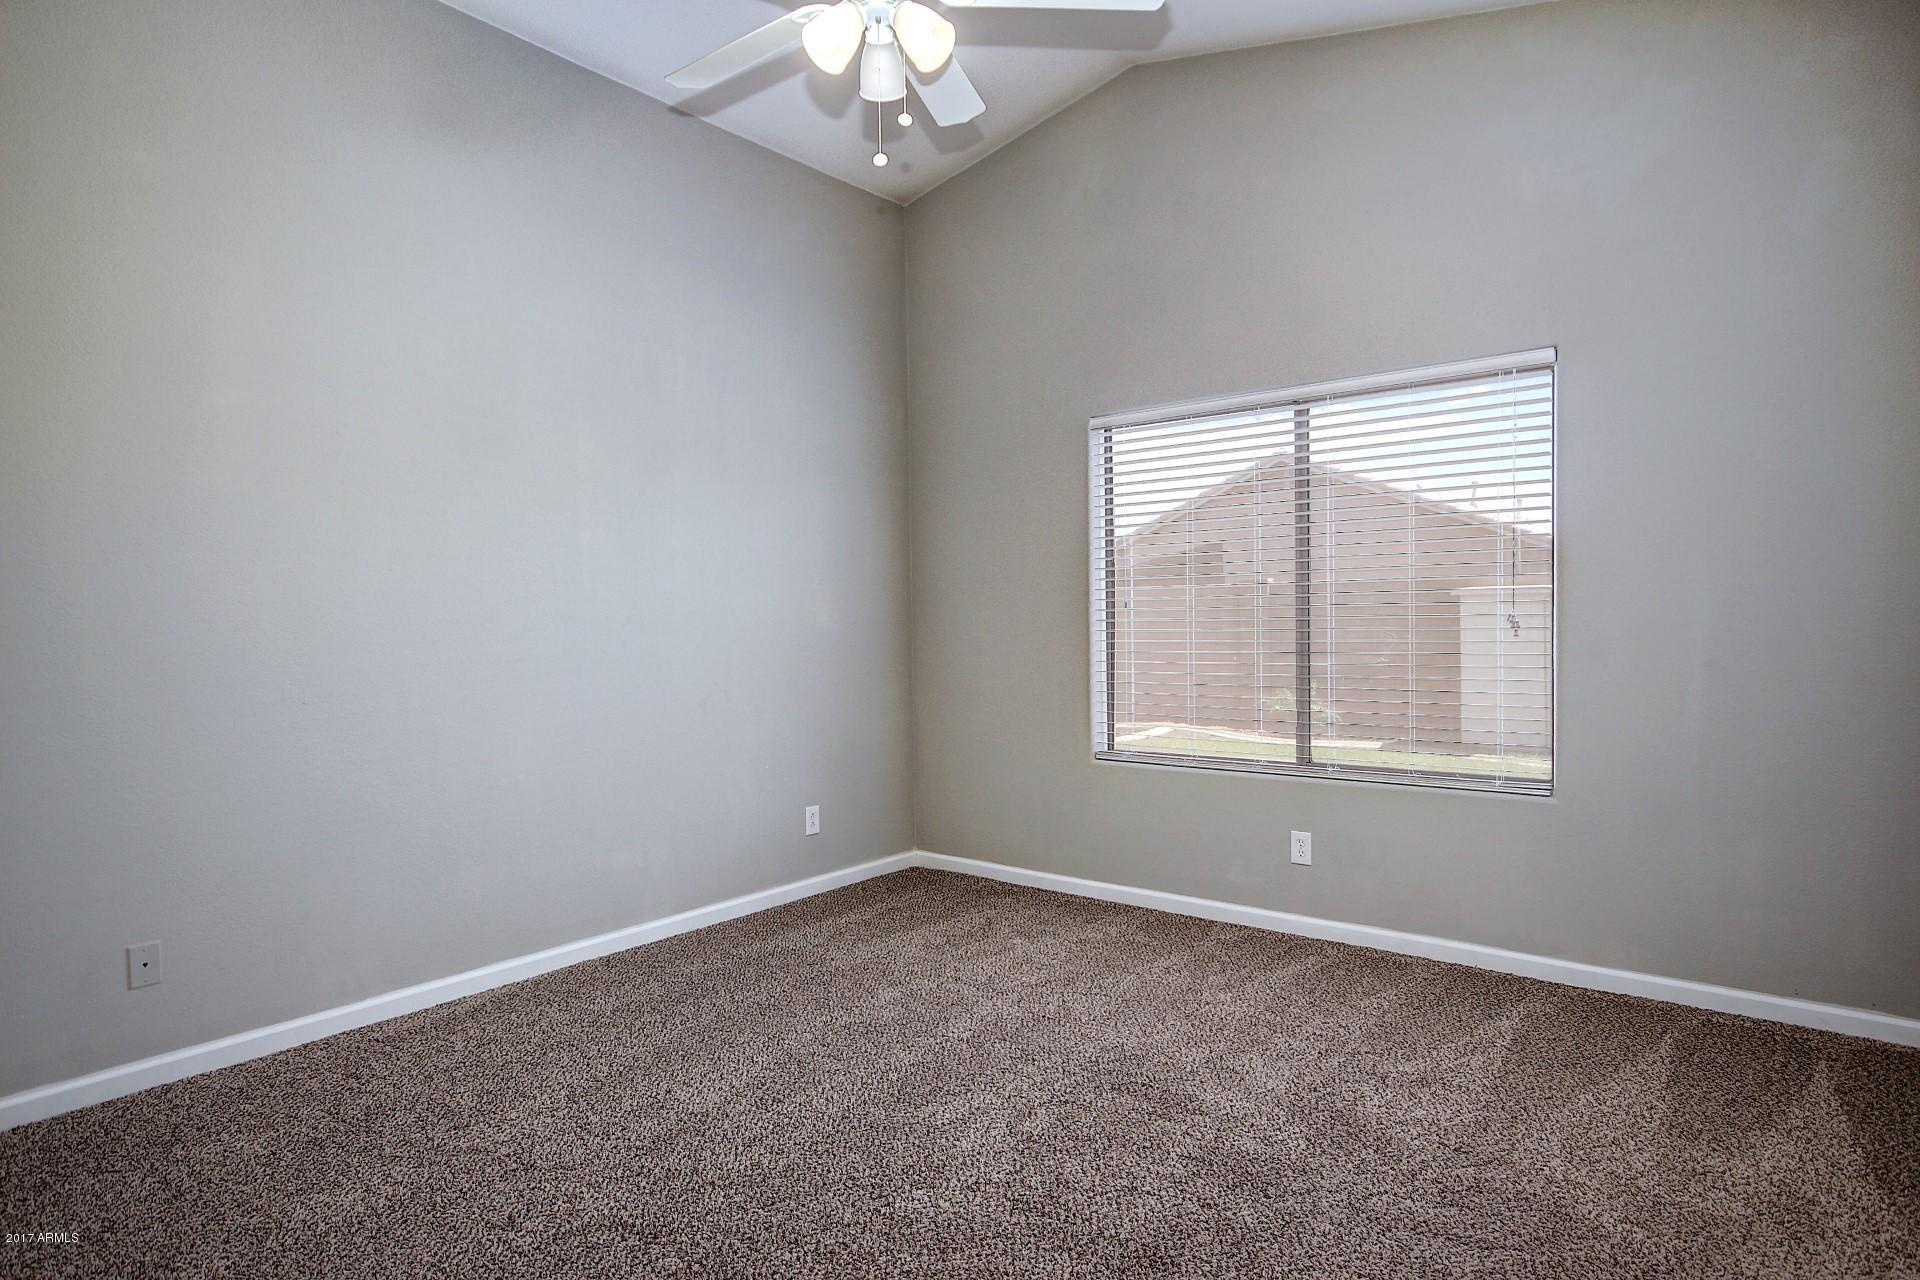 16169 W Davis  Road Surprise, AZ 85374 - img14